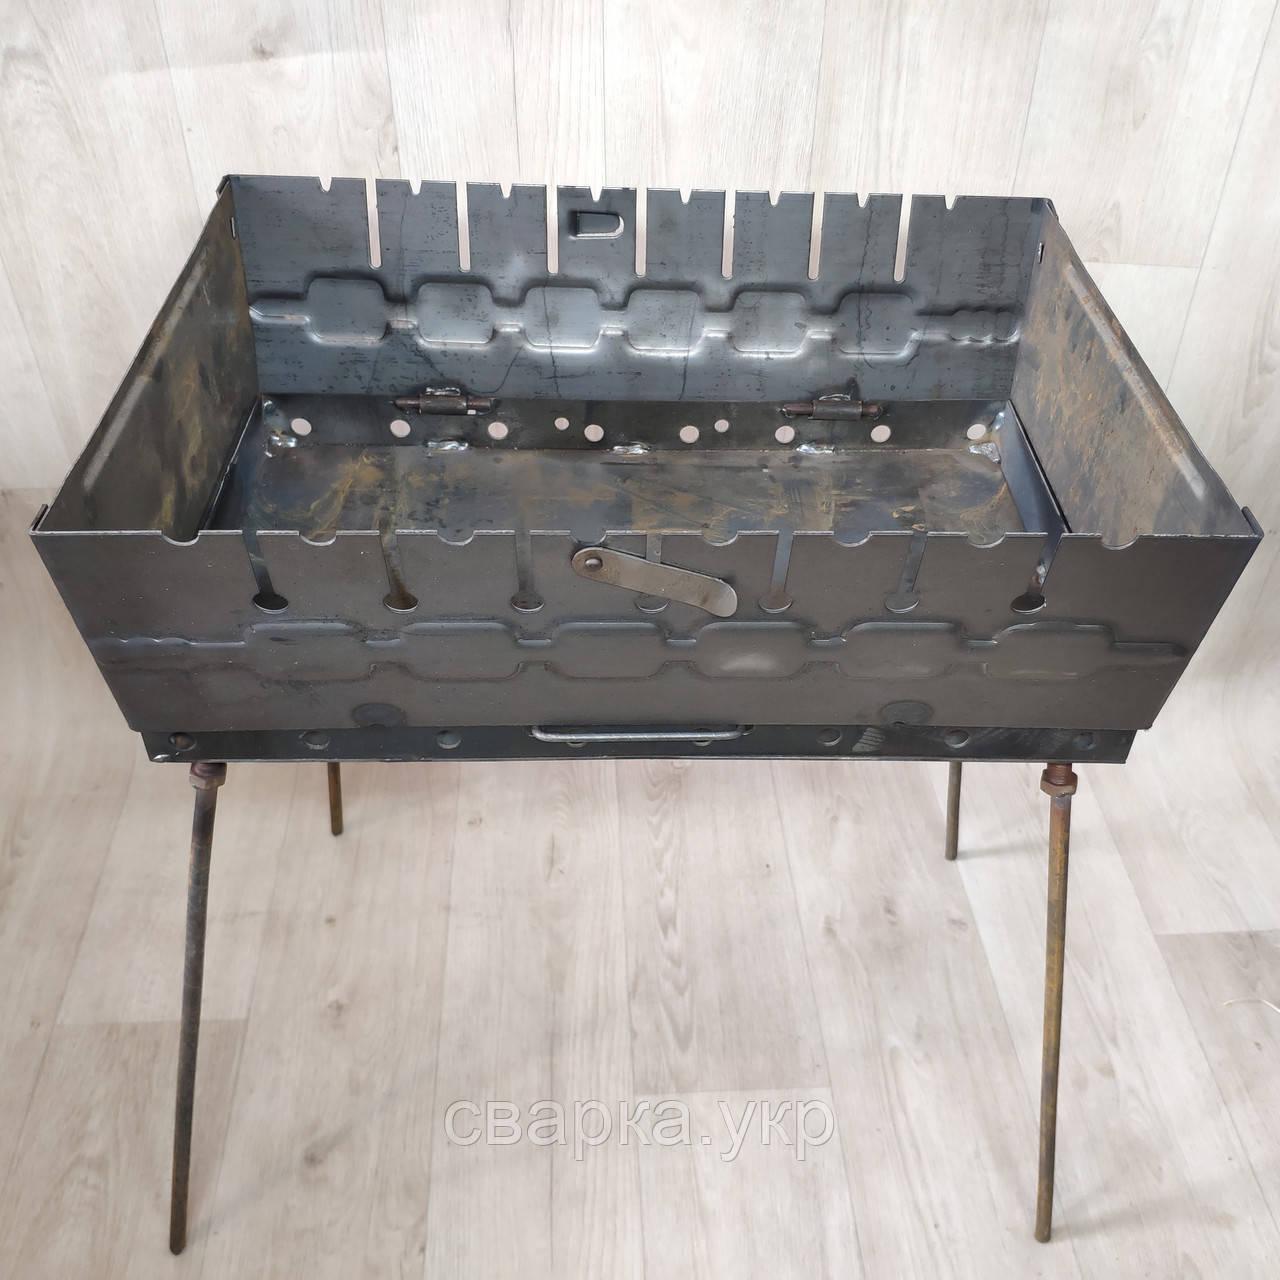 Мангал розкладний у валізу товщиною 2мм з ніжками на 8 шампурів